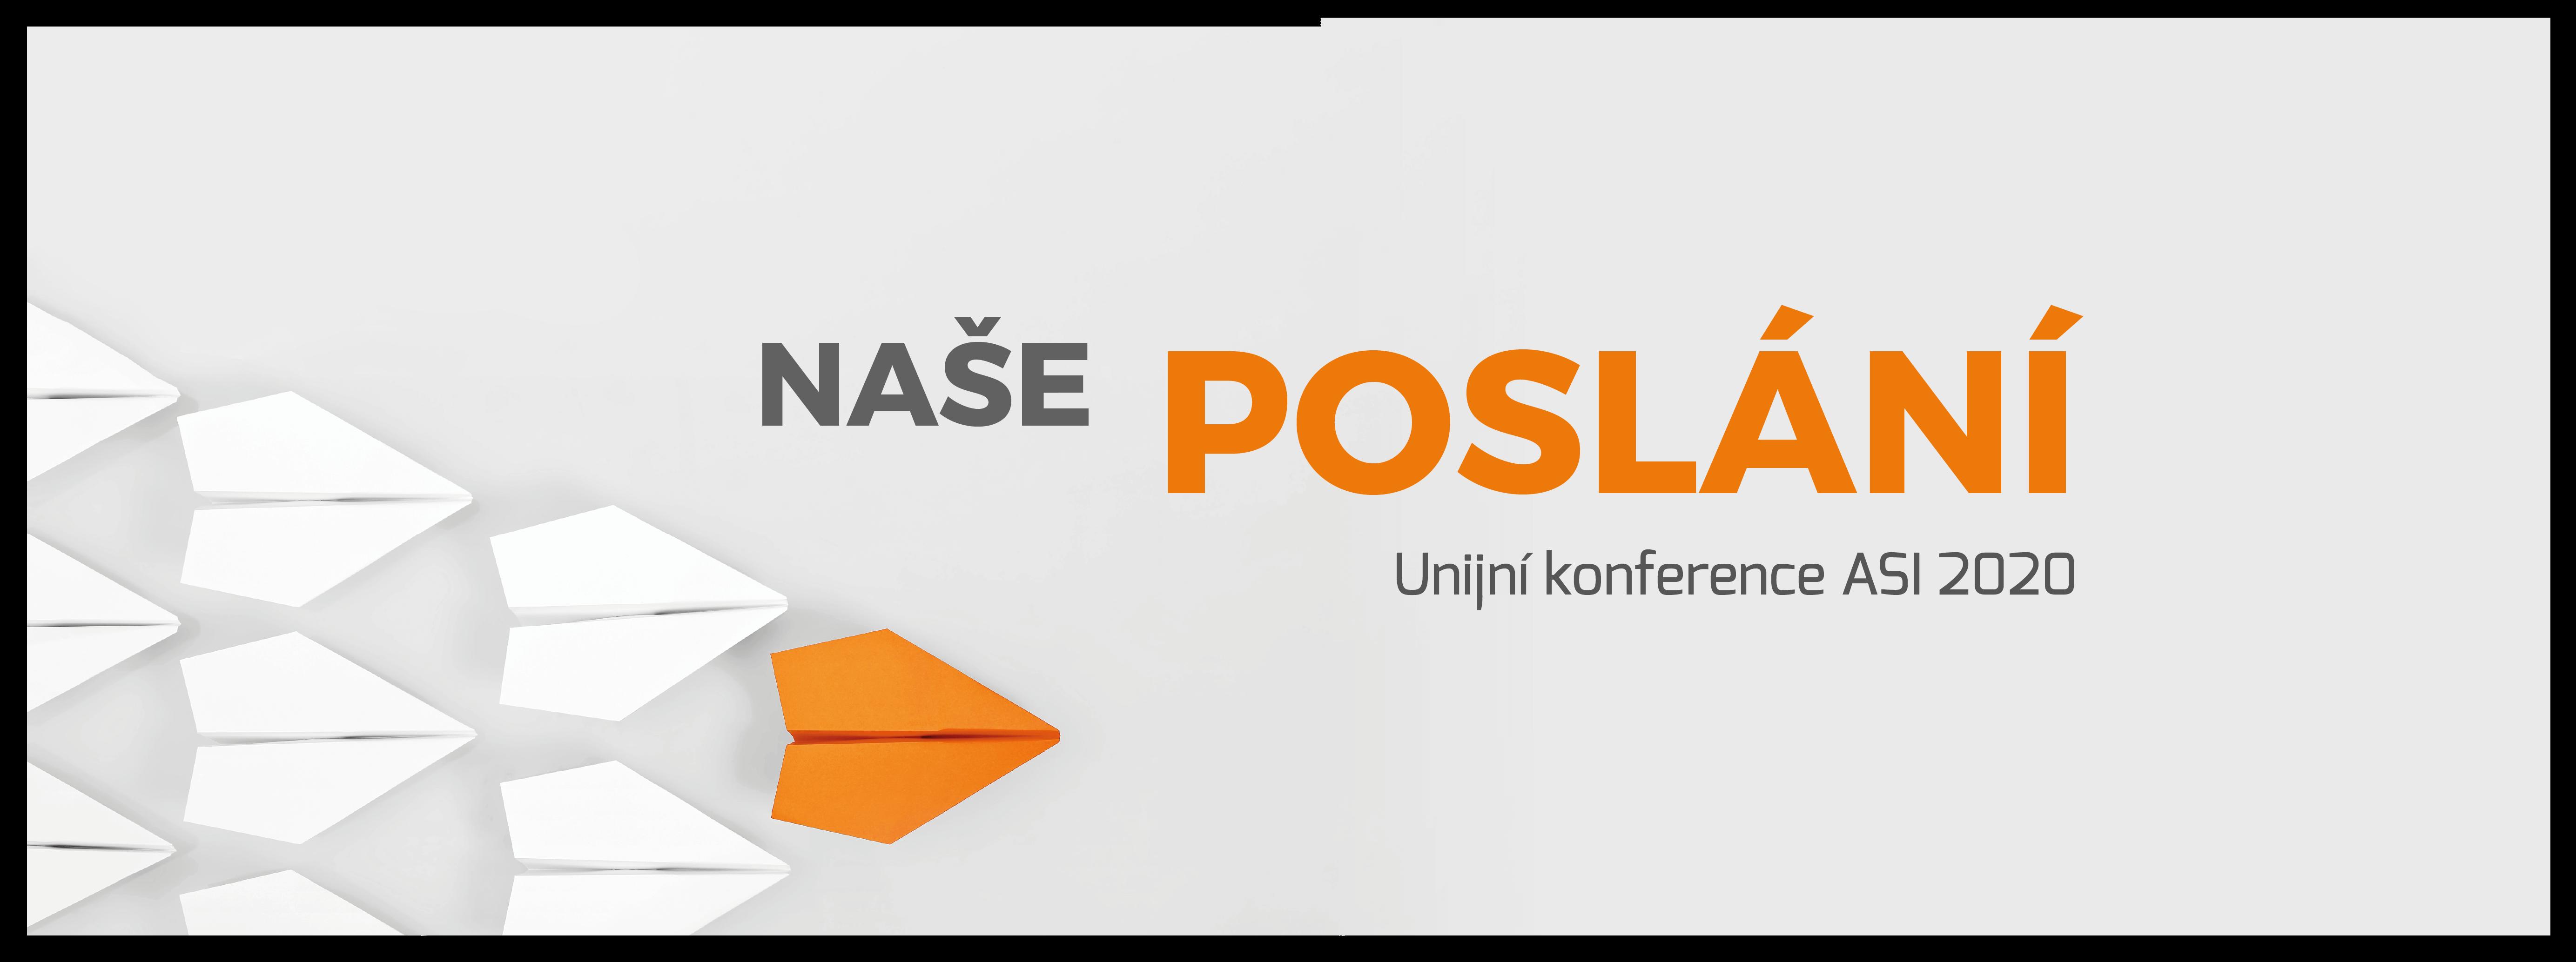 ASI Olomouc 2020 - Naše poslání